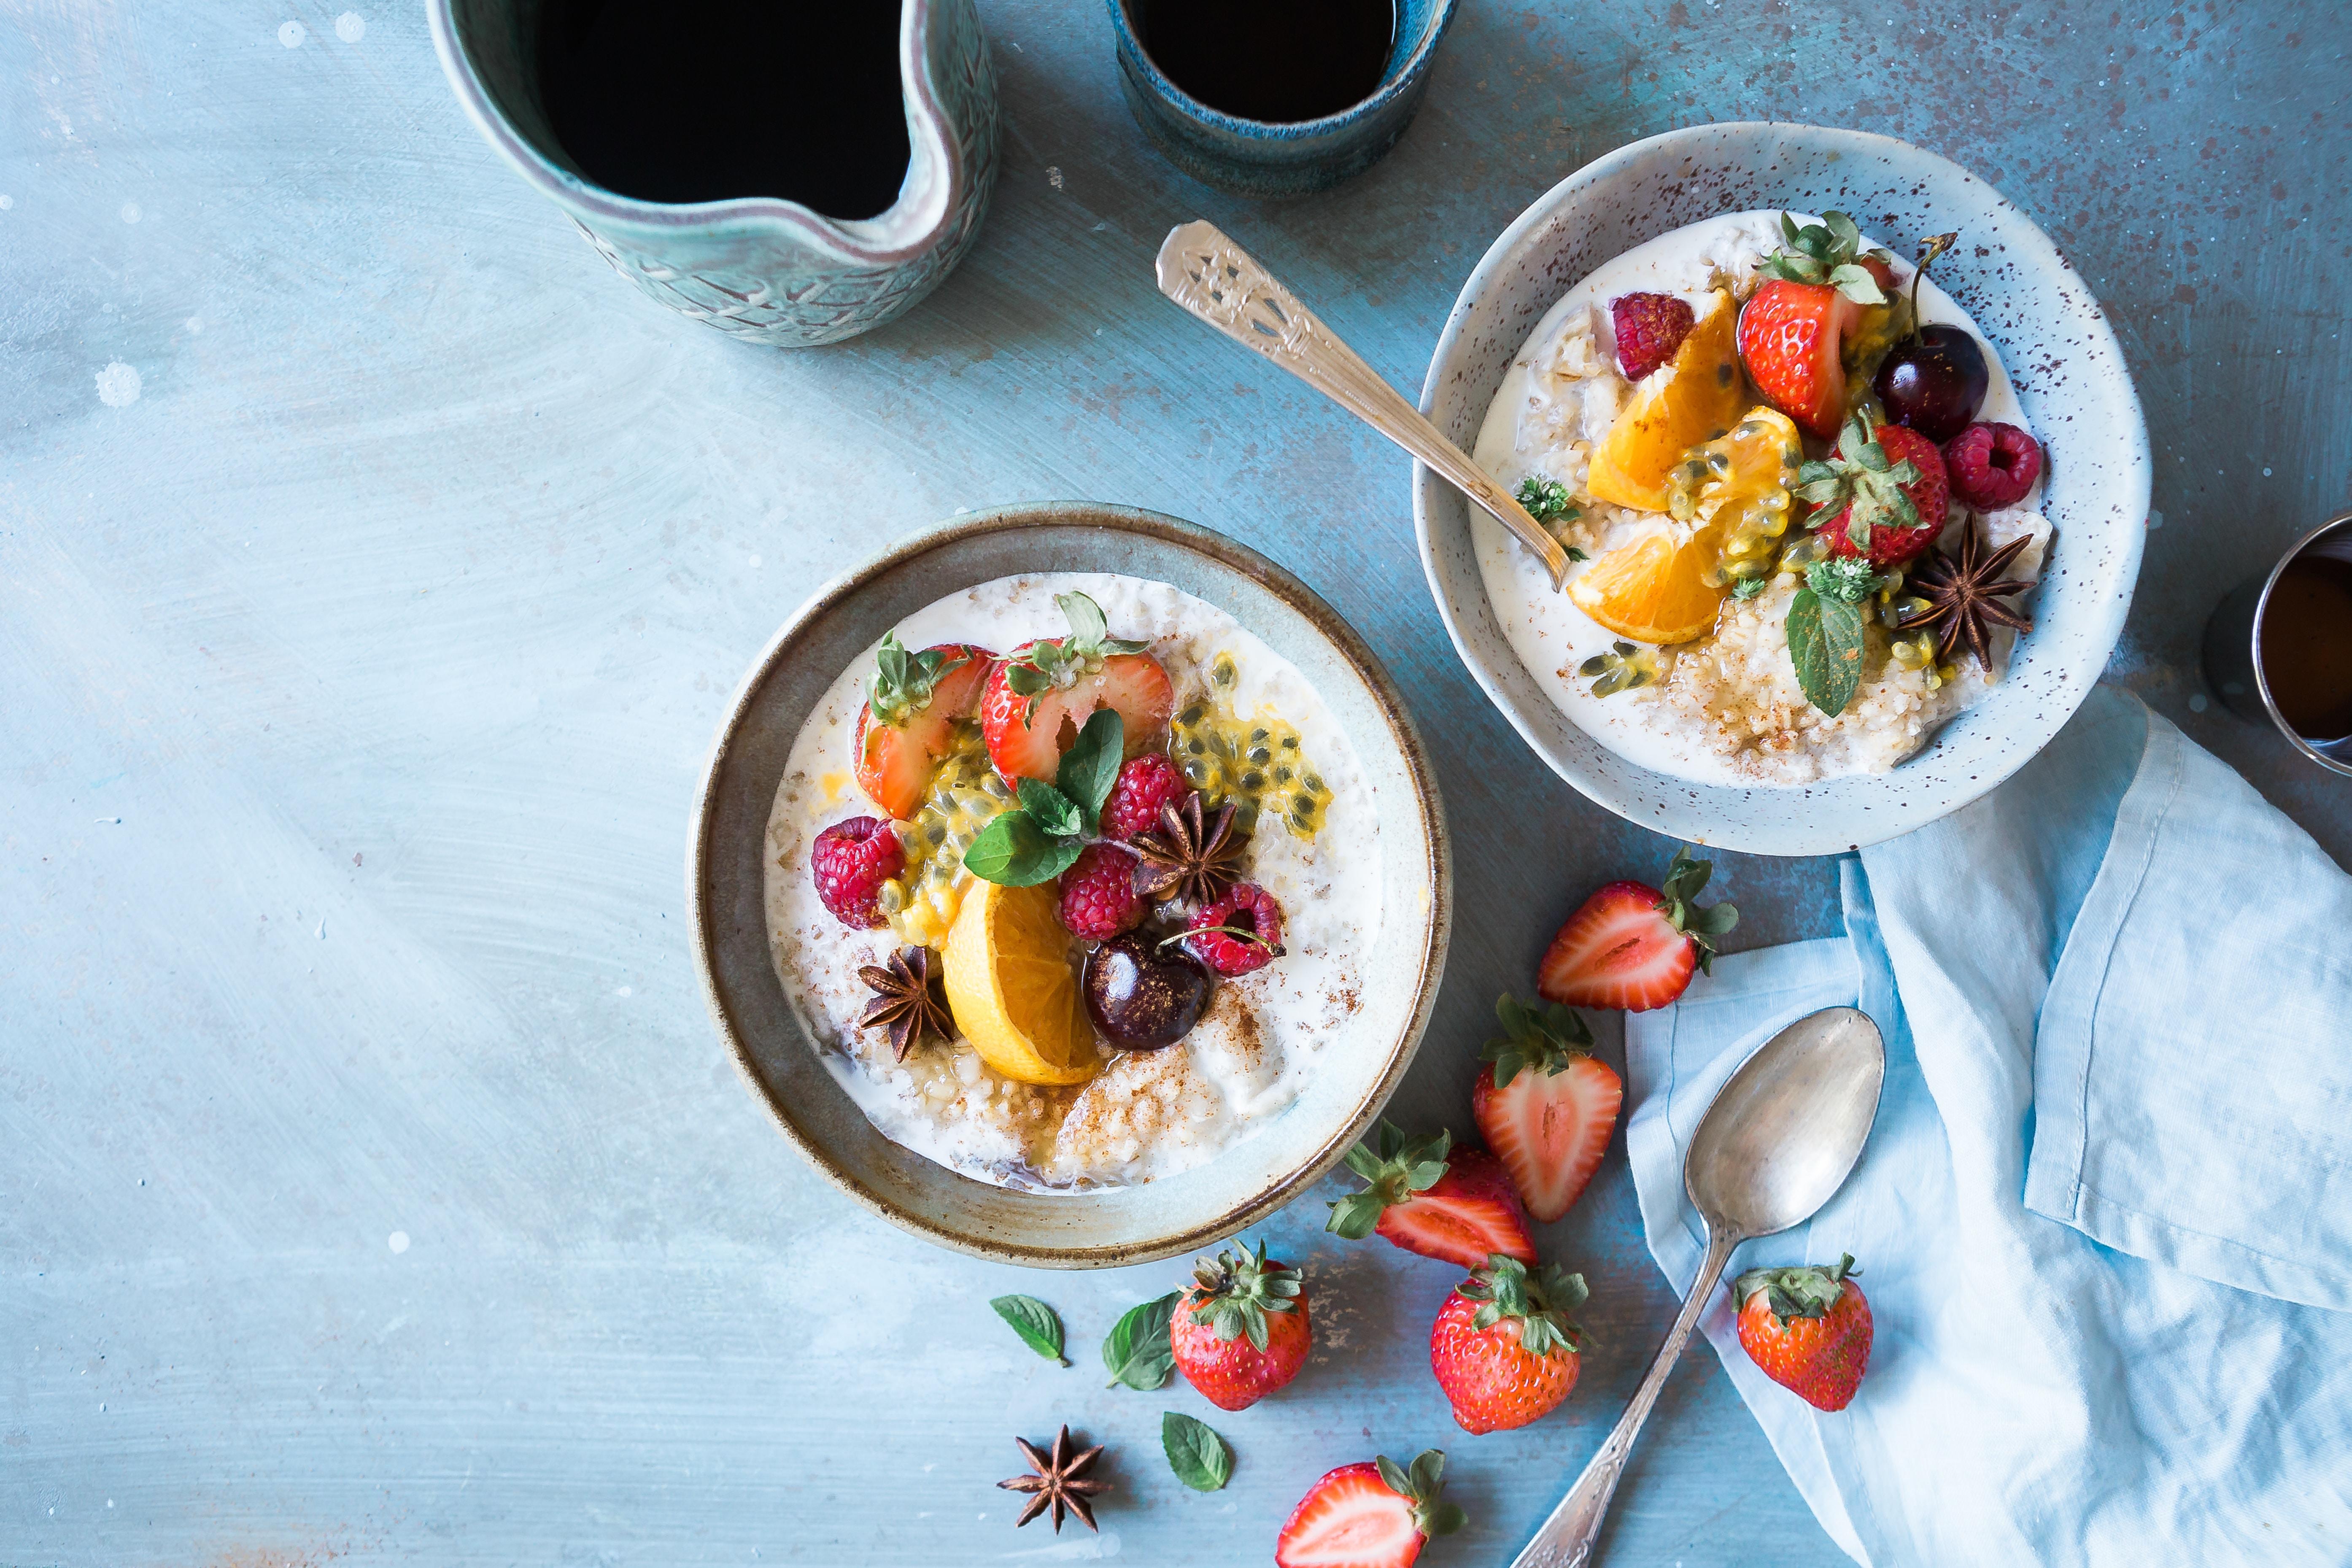 oatmeal, berries, healthy, meal plan